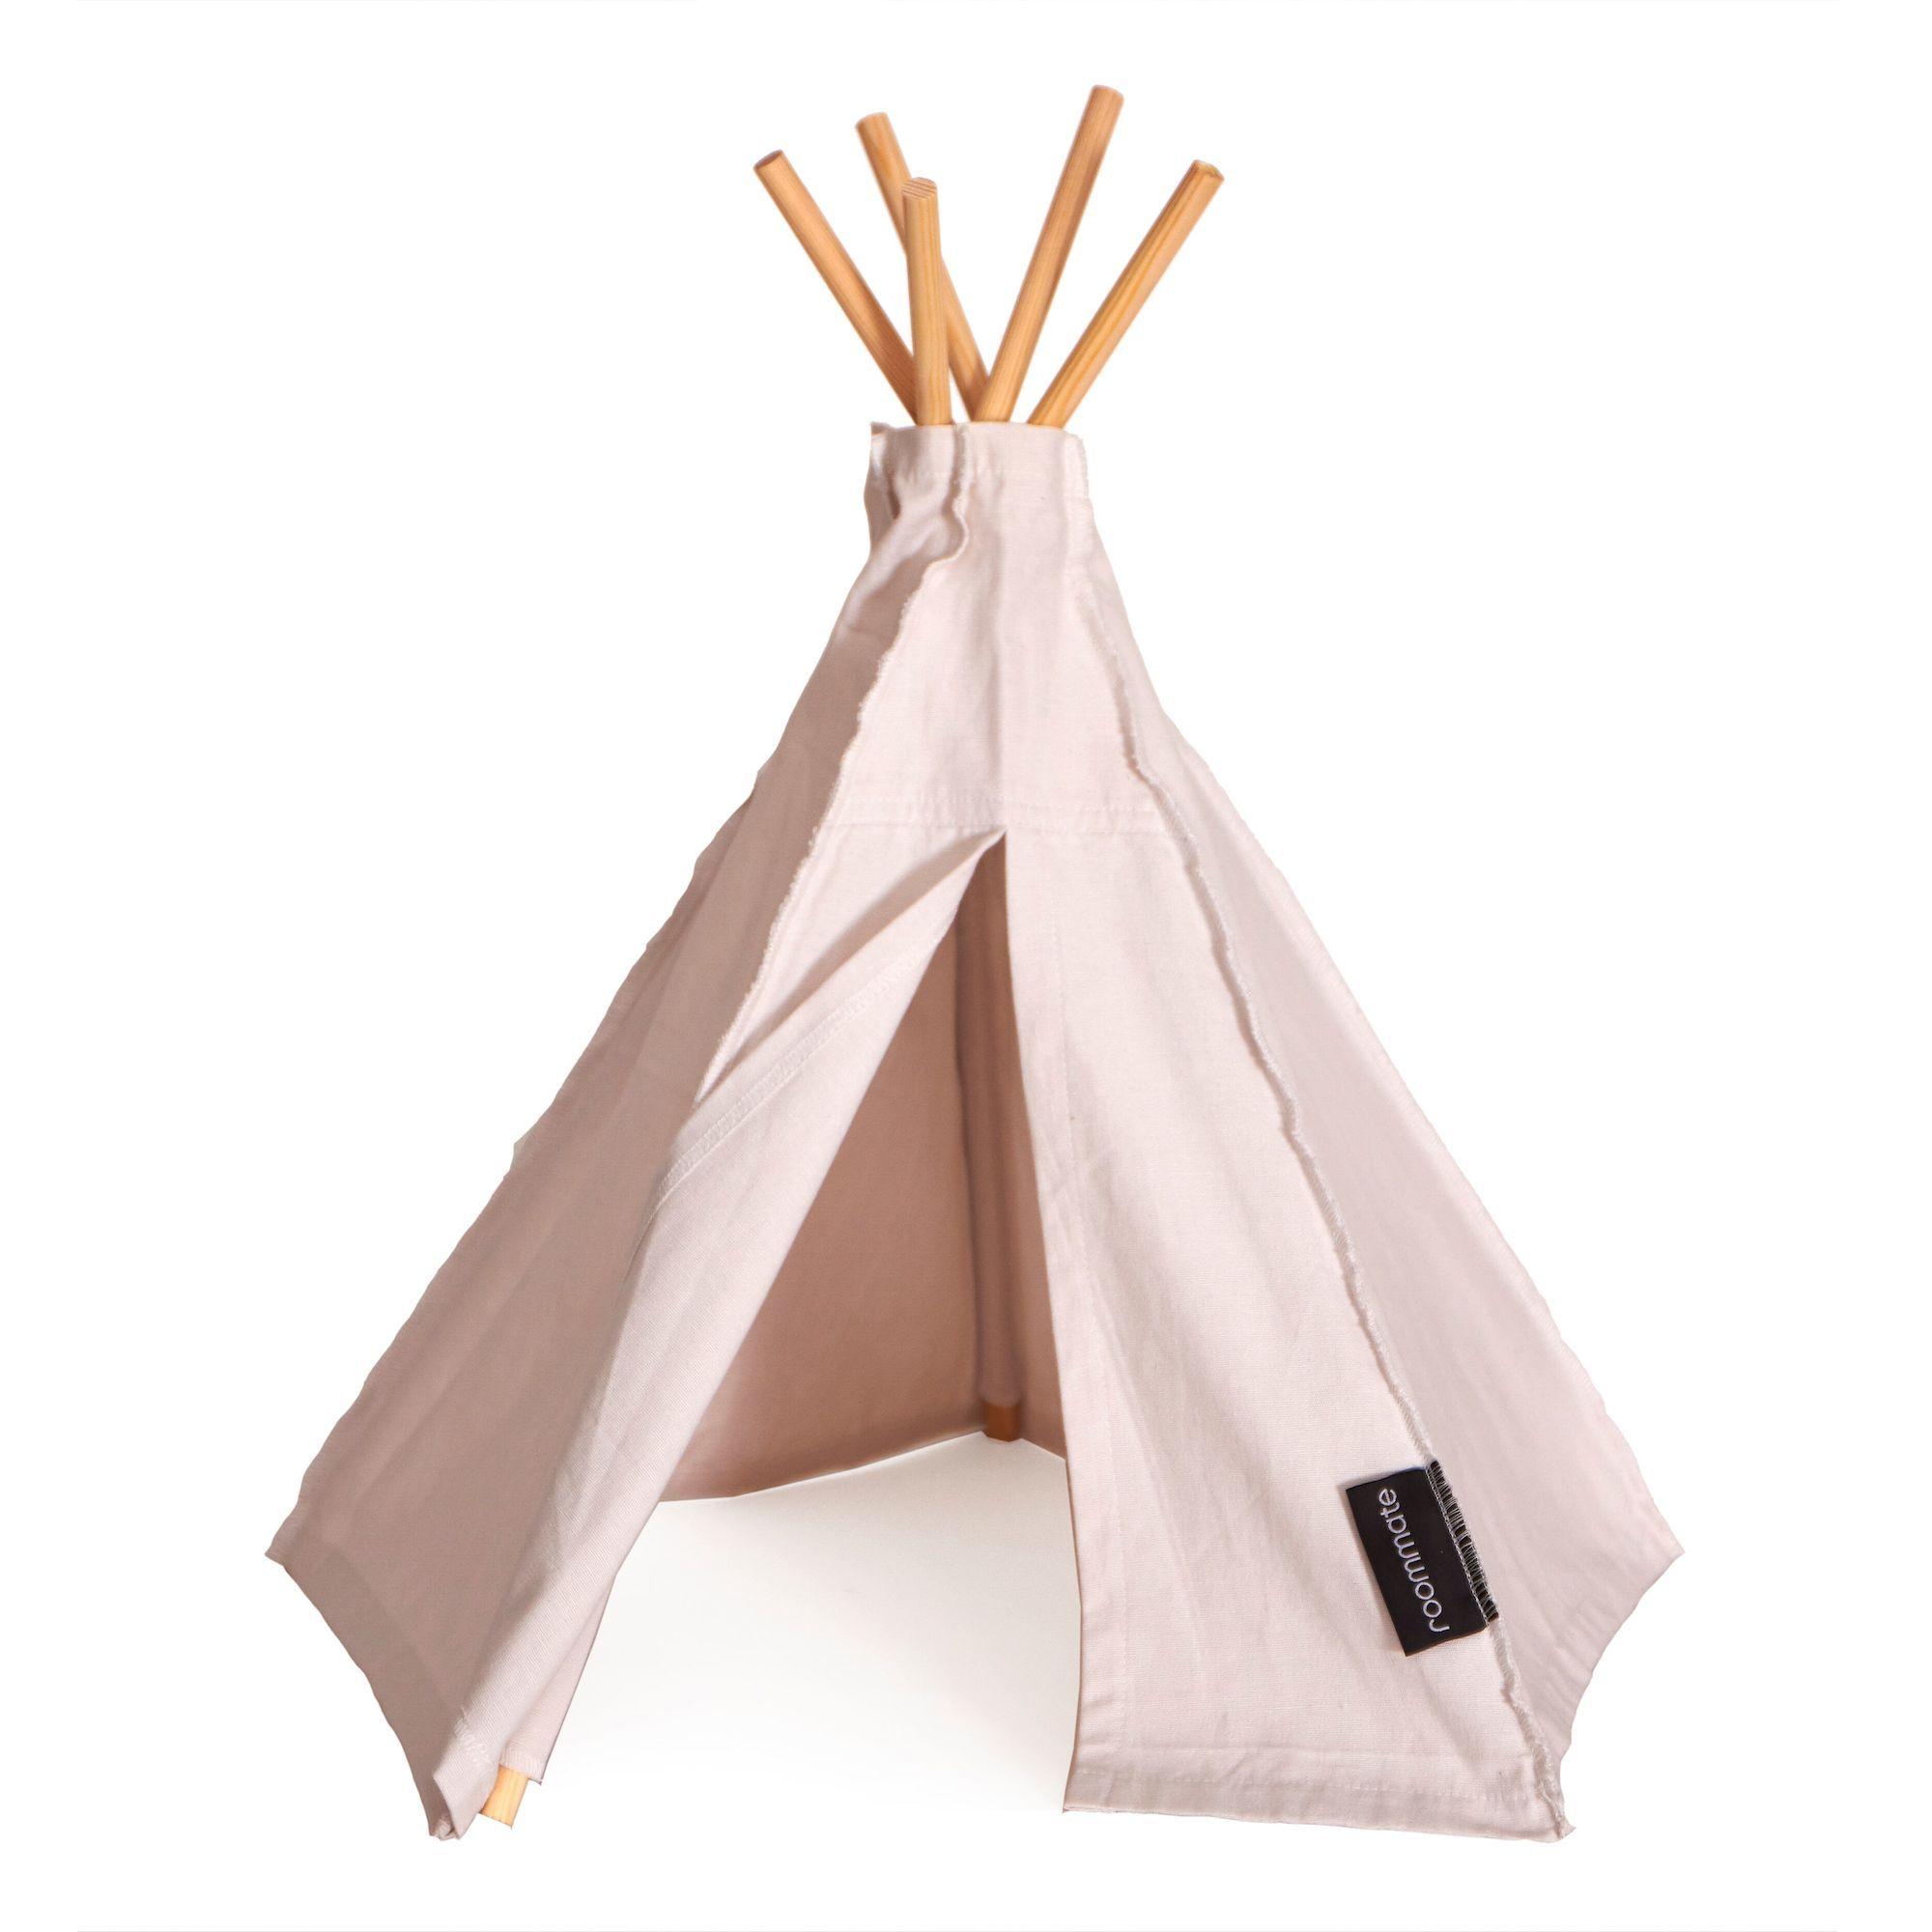 roommate lektält mini hippie tipi, ljusrosa är ett fint minitält som